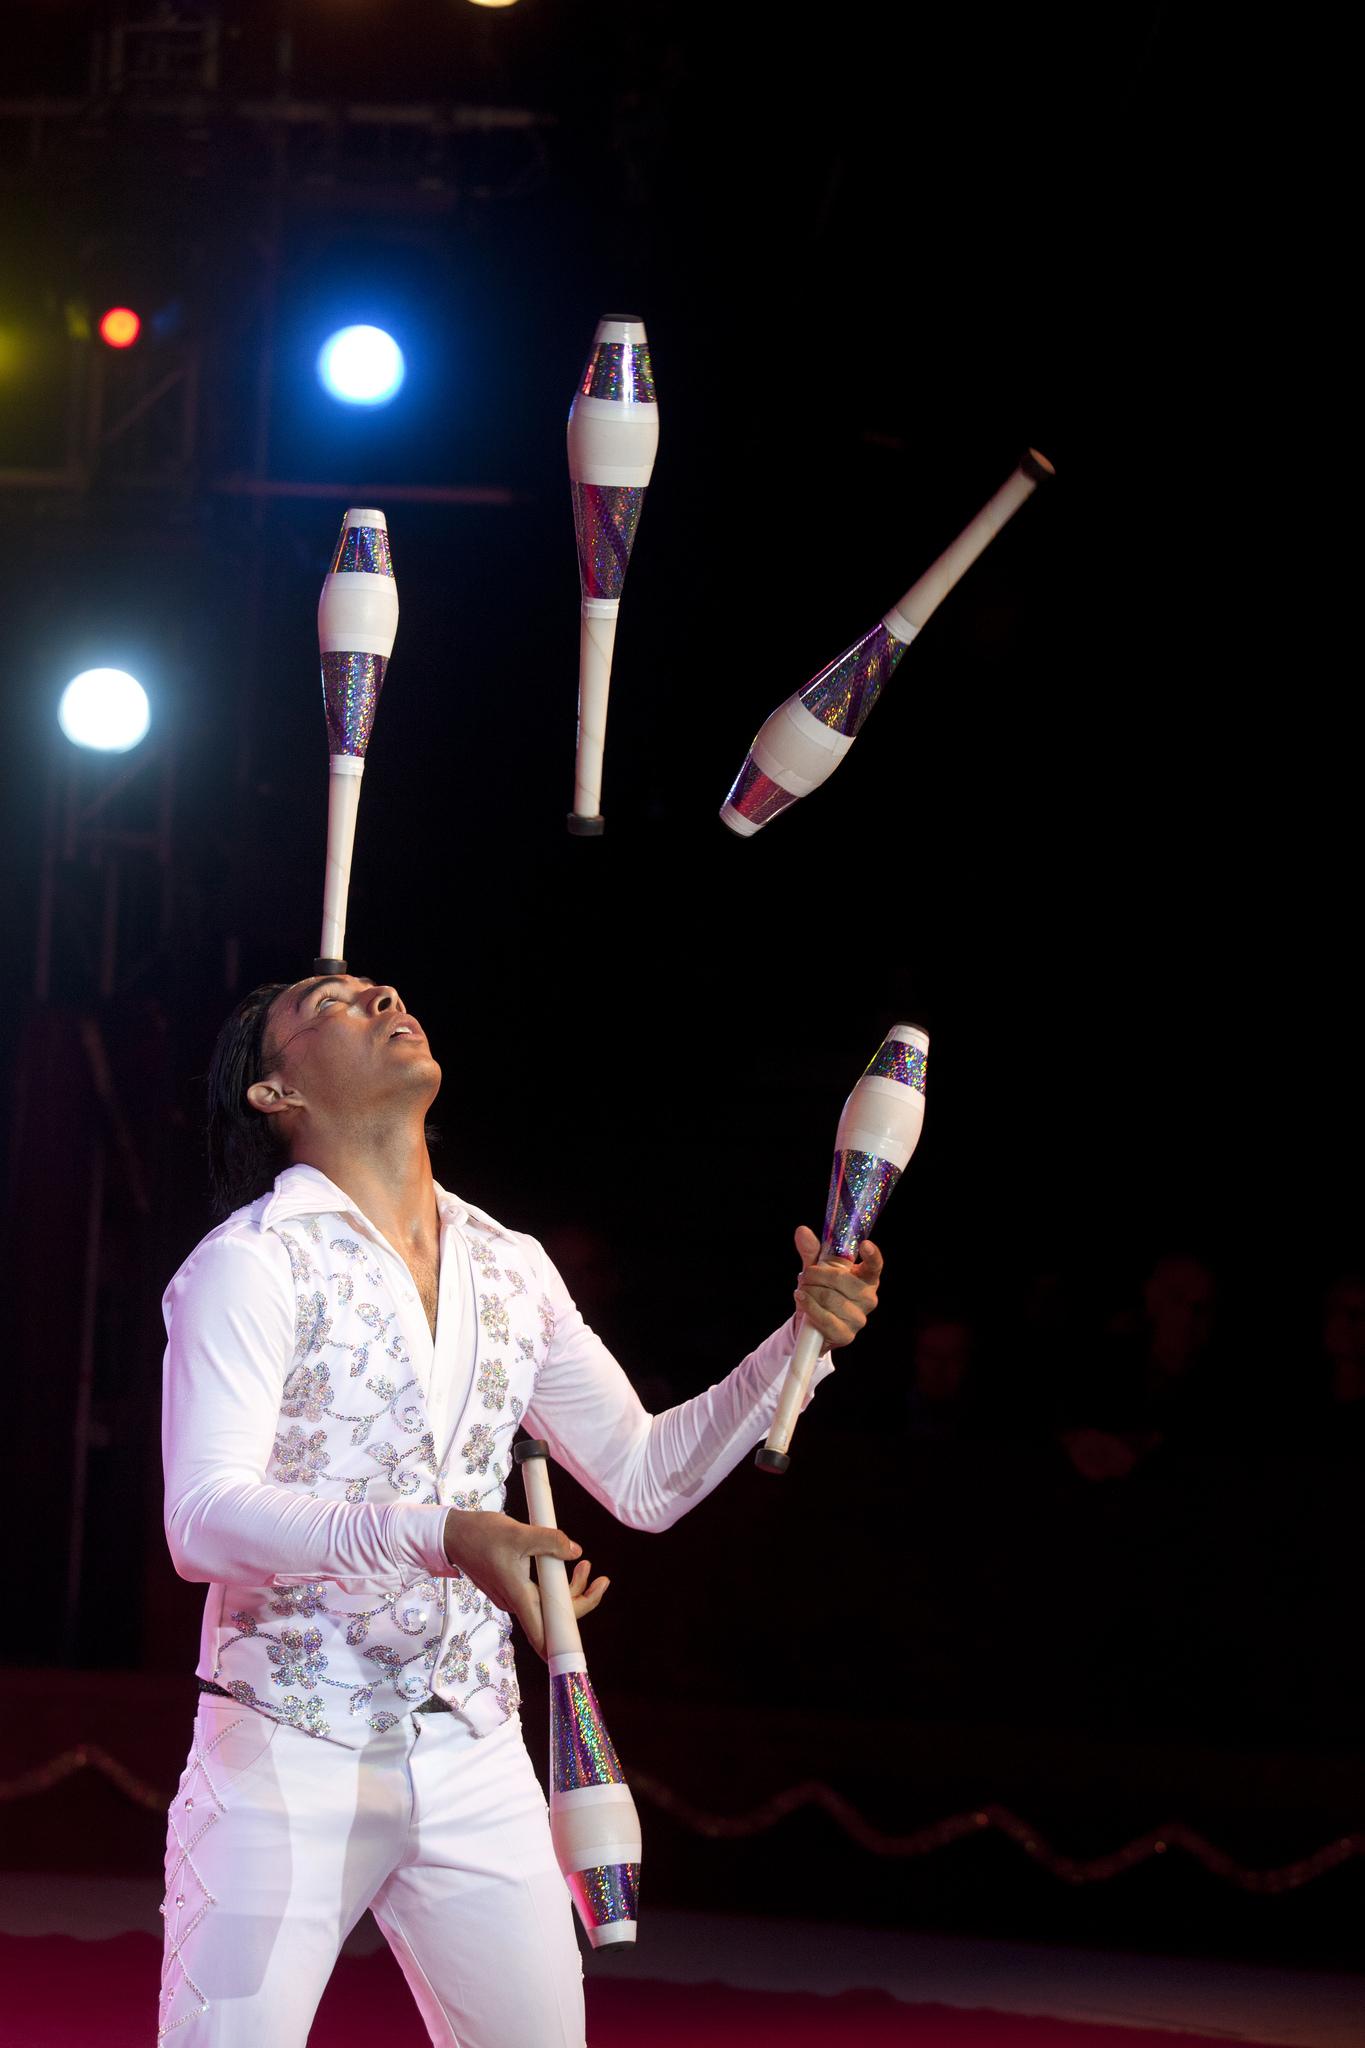 jongleur